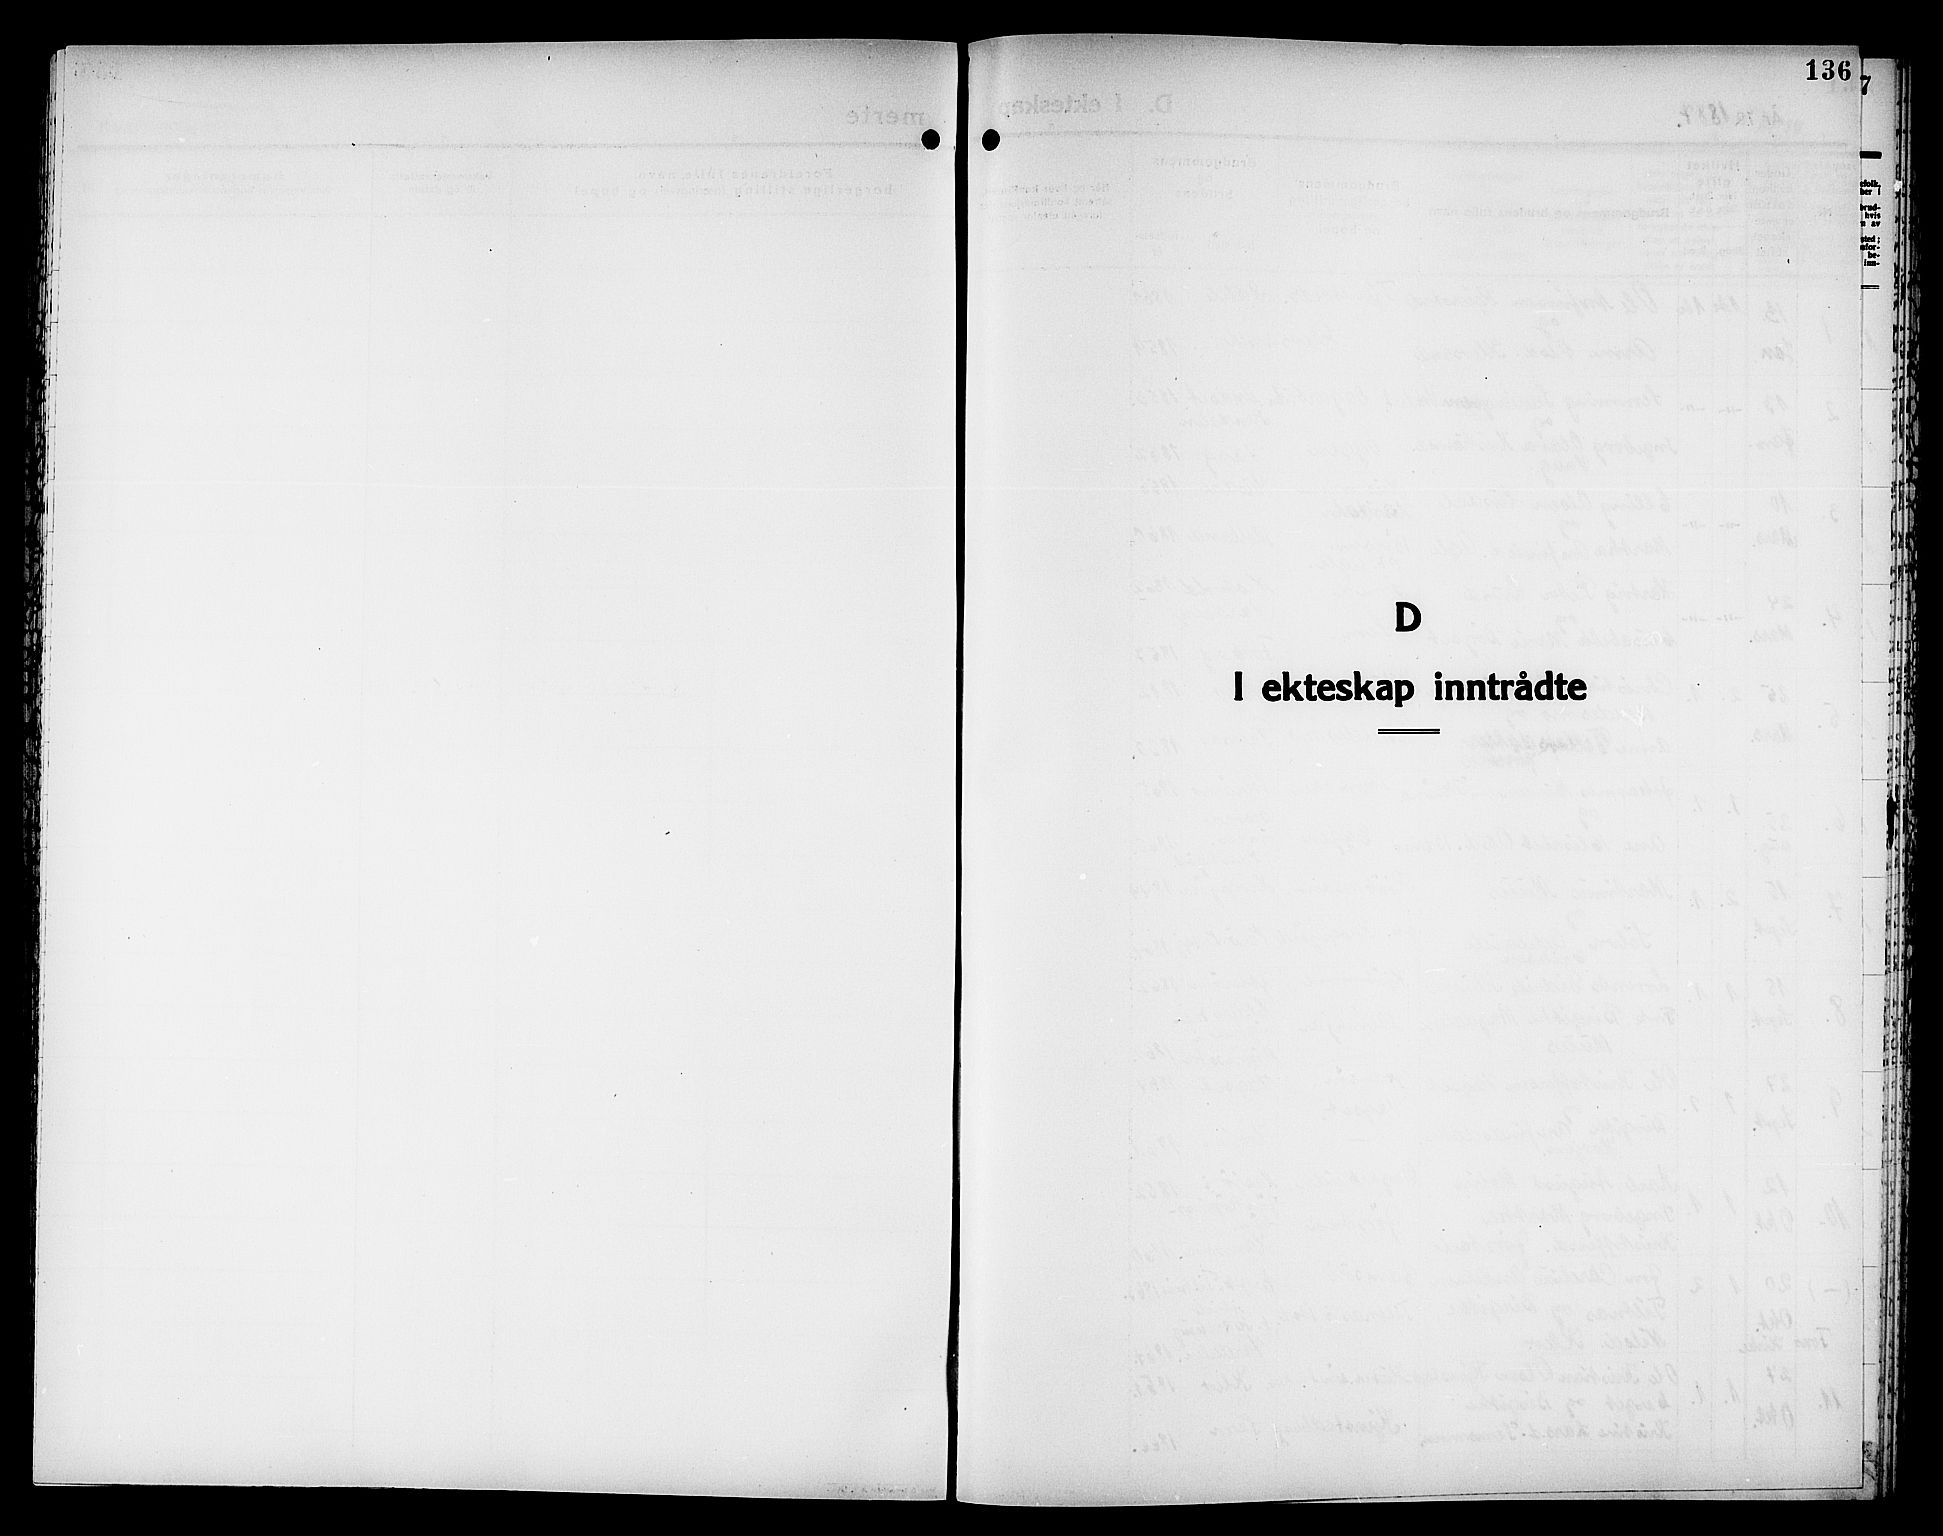 SAT, Ministerialprotokoller, klokkerbøker og fødselsregistre - Nord-Trøndelag, 749/L0487: Parish register (official) no. 749D03, 1887-1902, p. 136